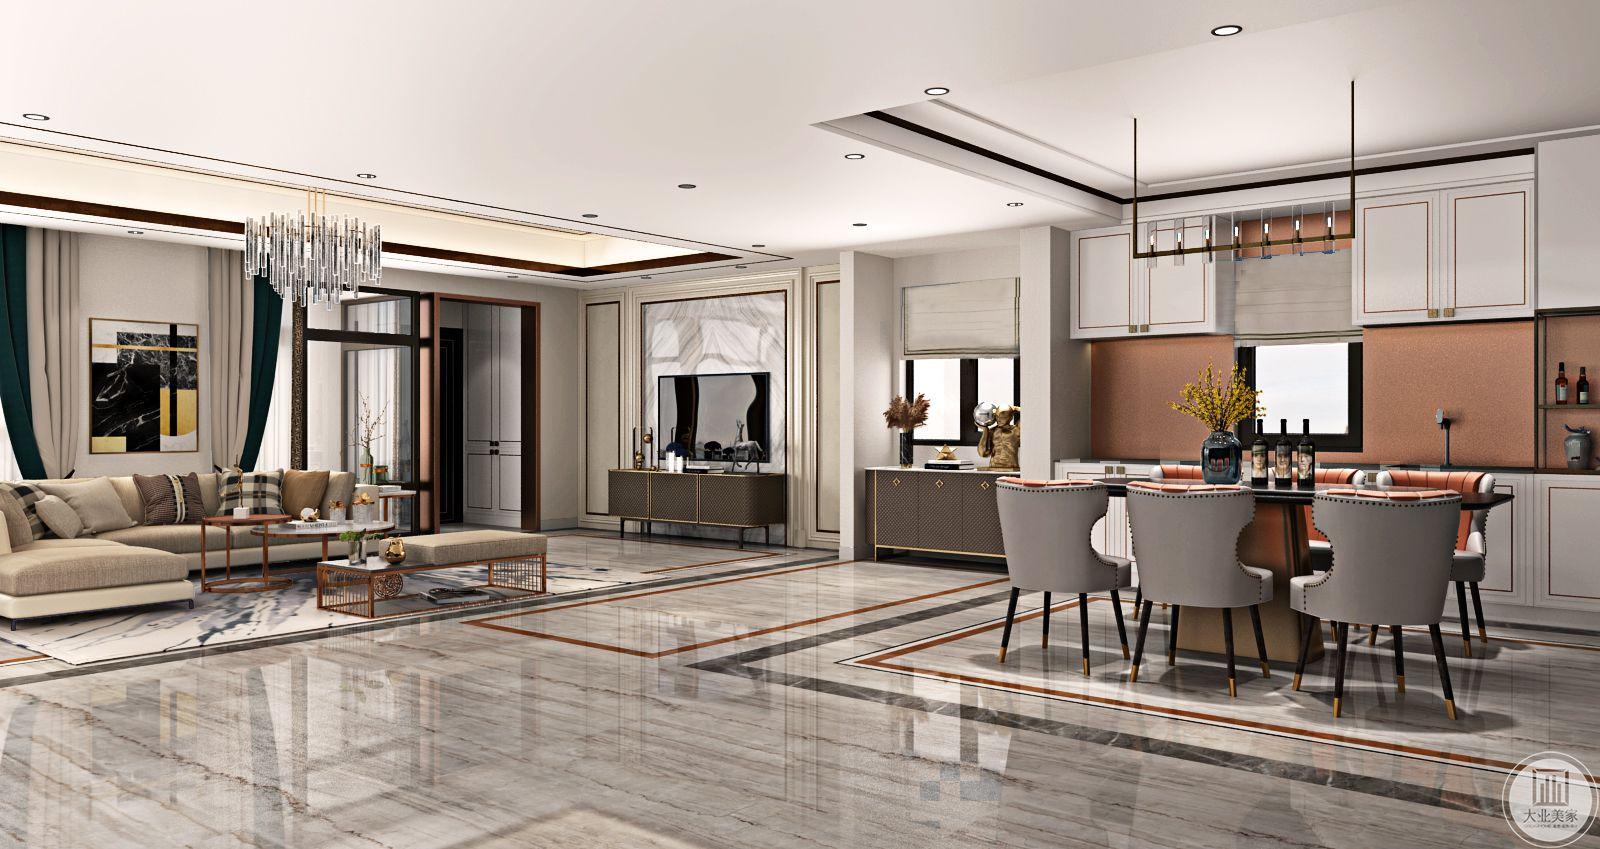 客厅简洁朴素的设计,外表之下折射出一种隐藏的贵族气质。